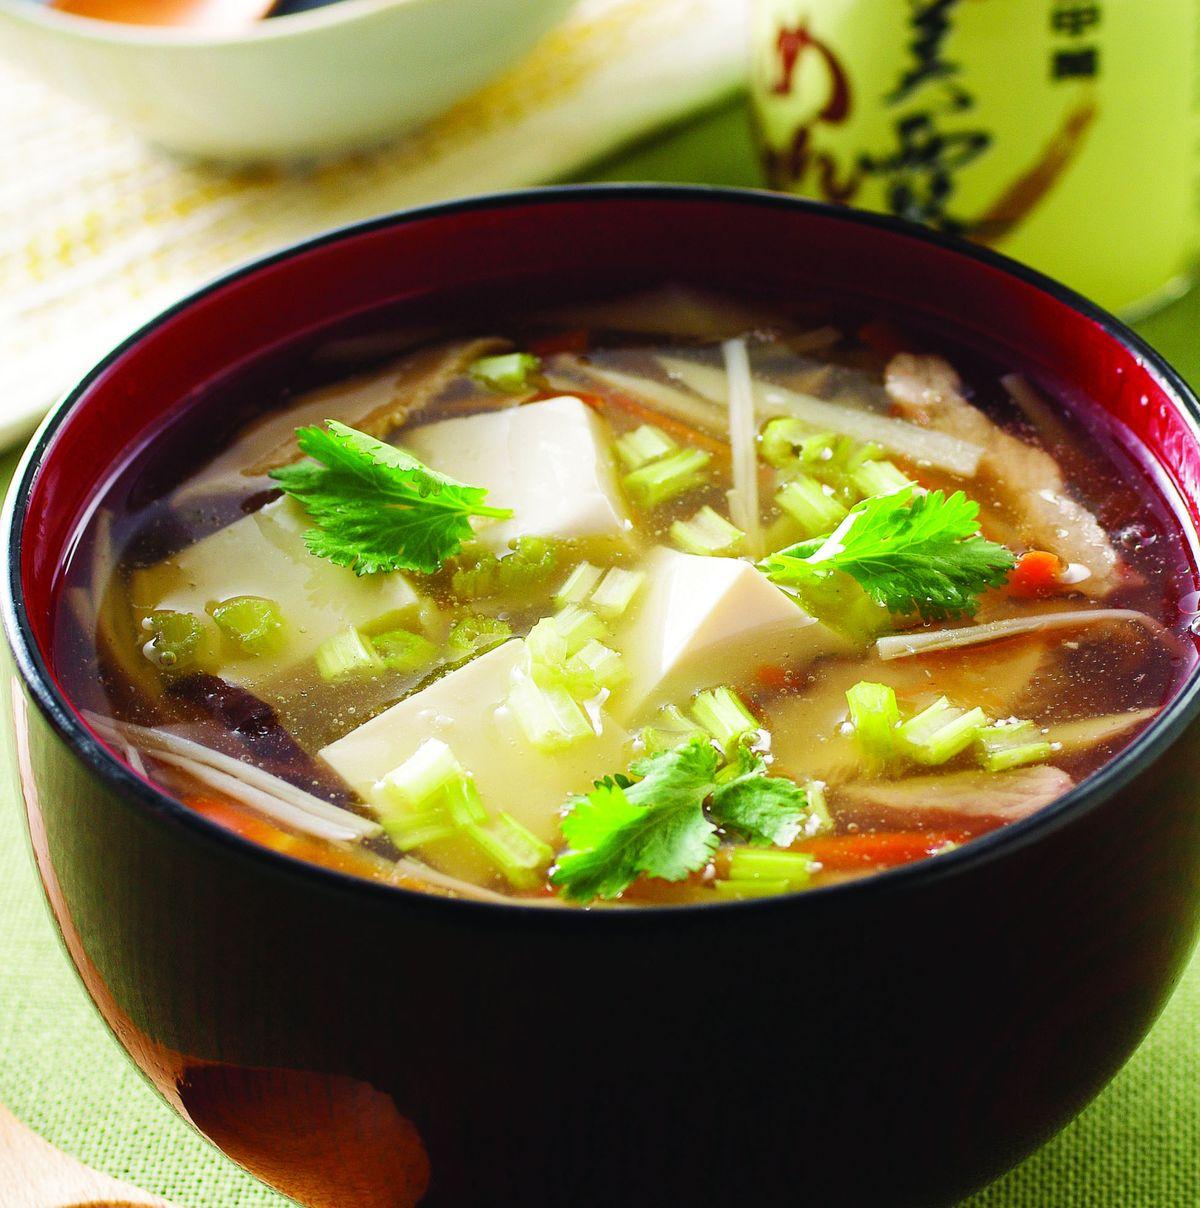 食譜:鮮美豆腐羹